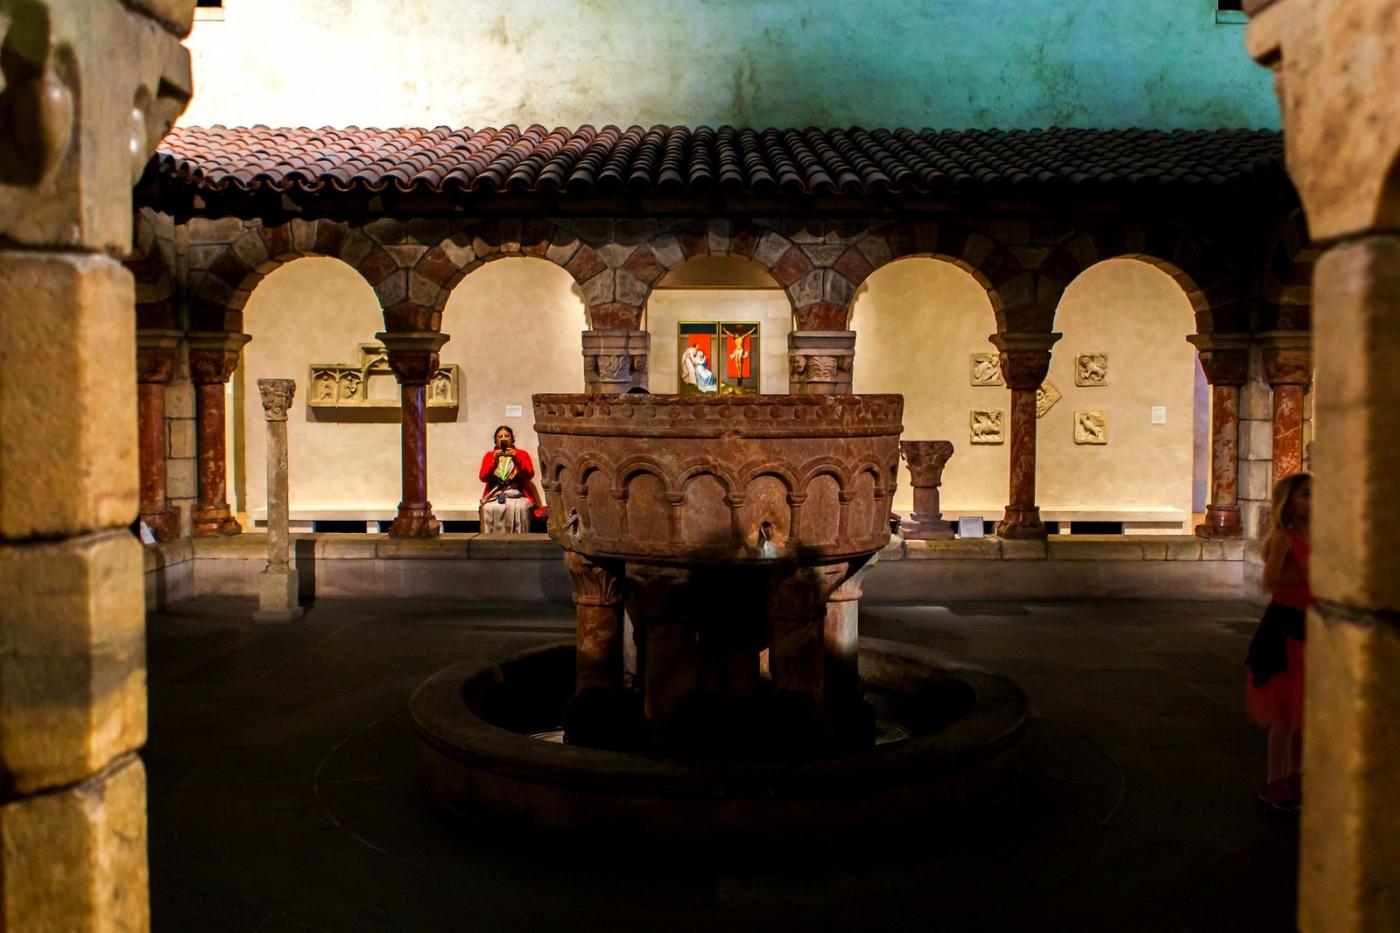 费城艺术馆,光影下的艺术品_图1-6